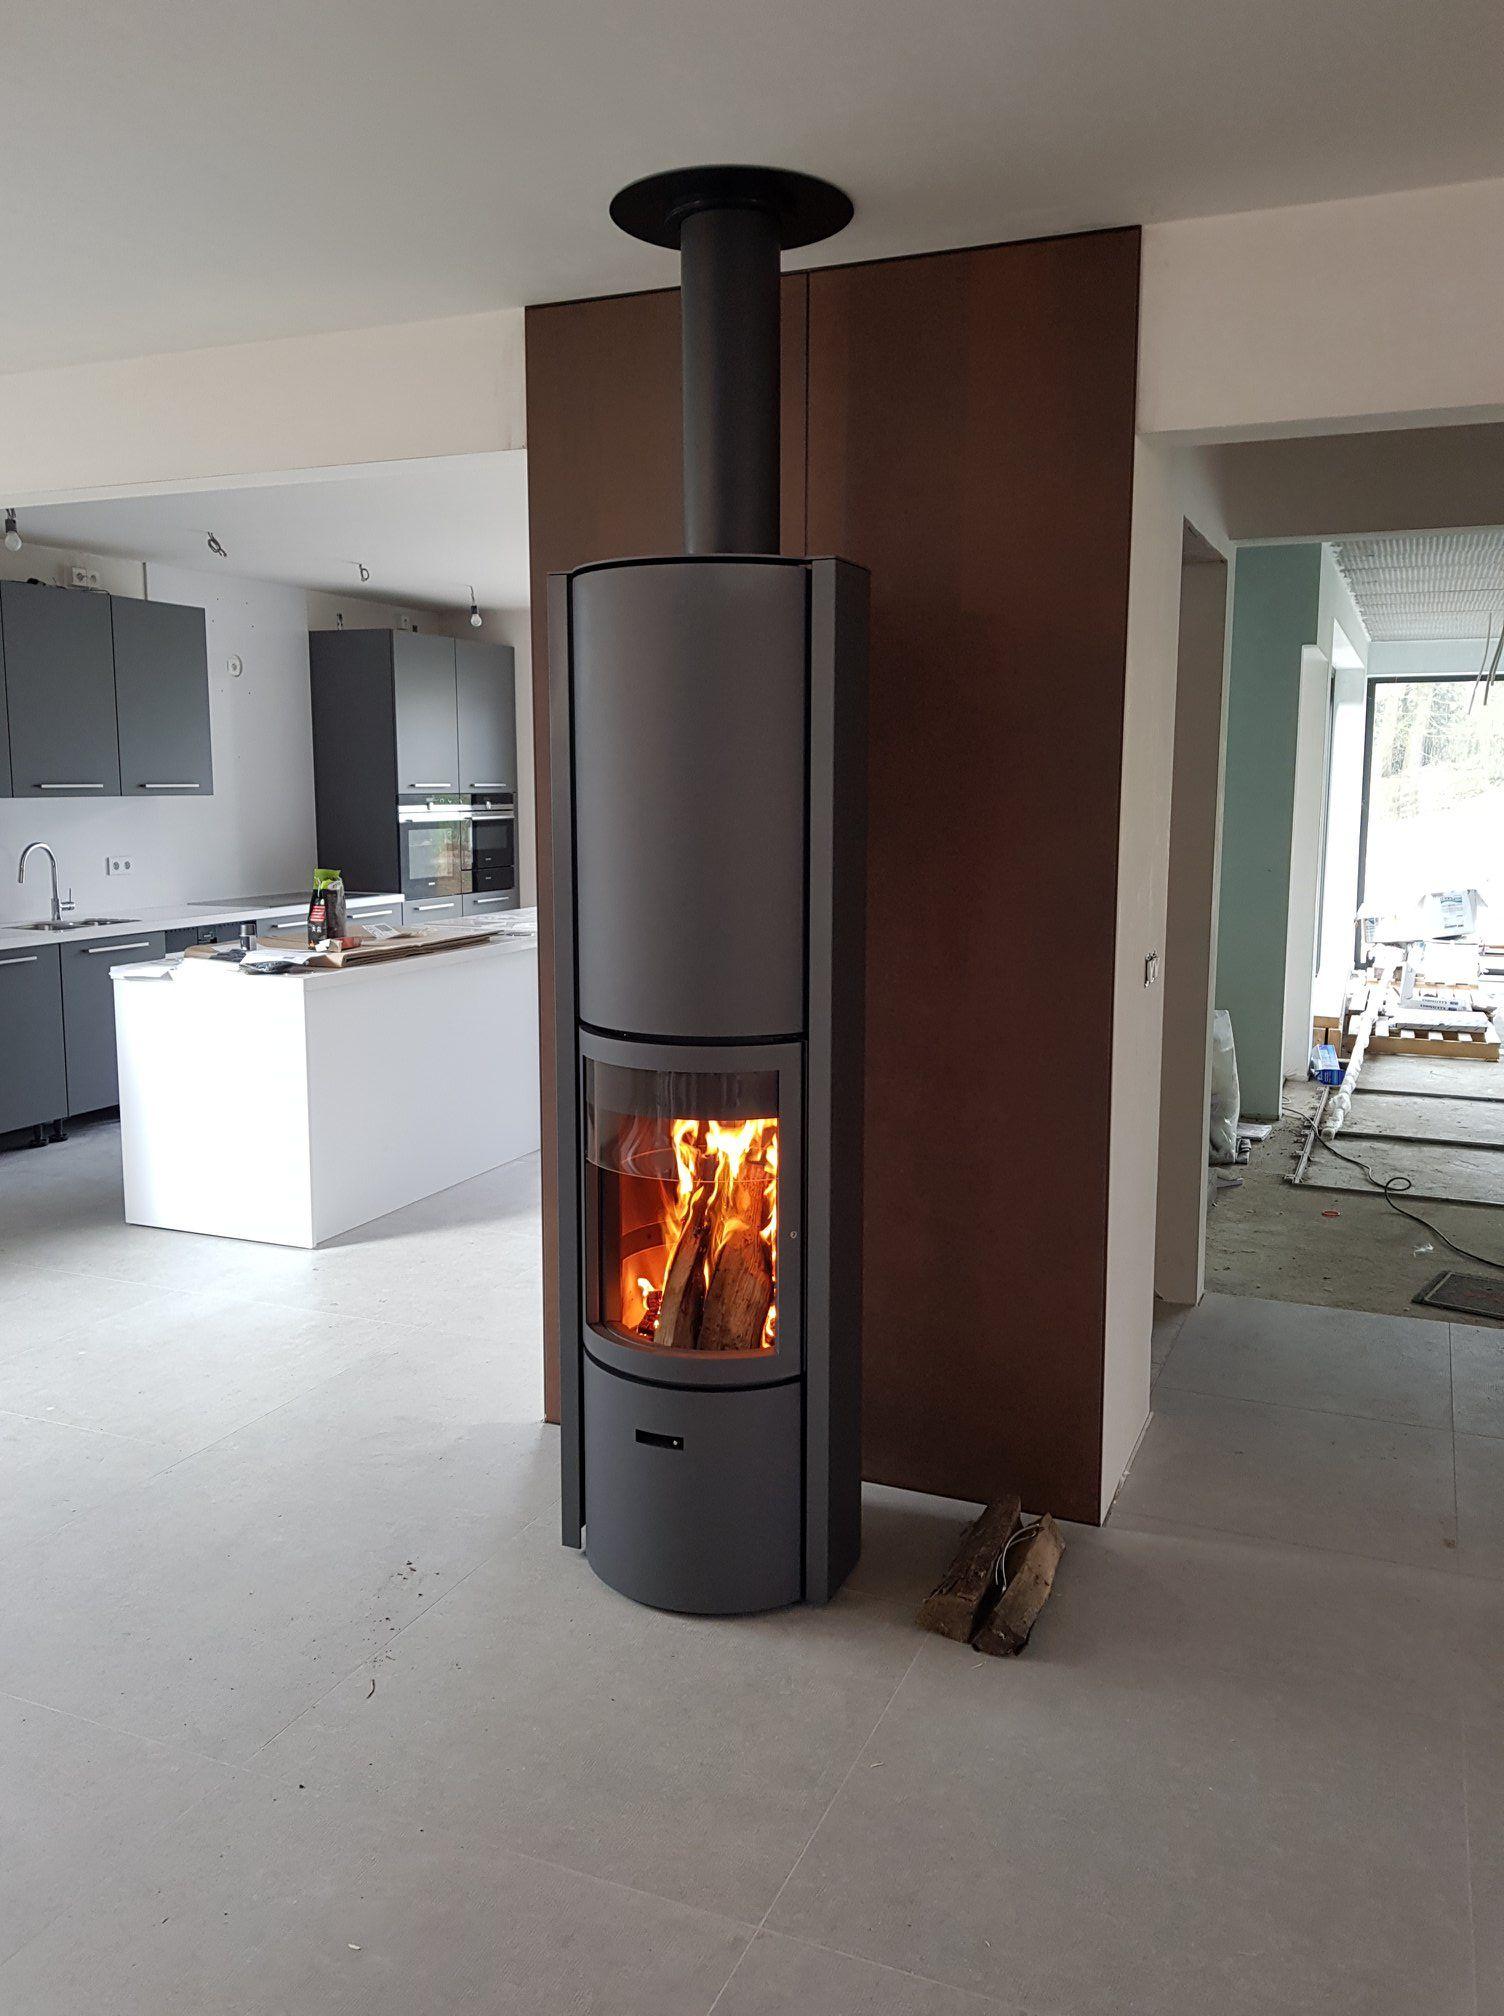 Stuv 30 H By Cheminees Passion Stuv Cheminee Fireplace